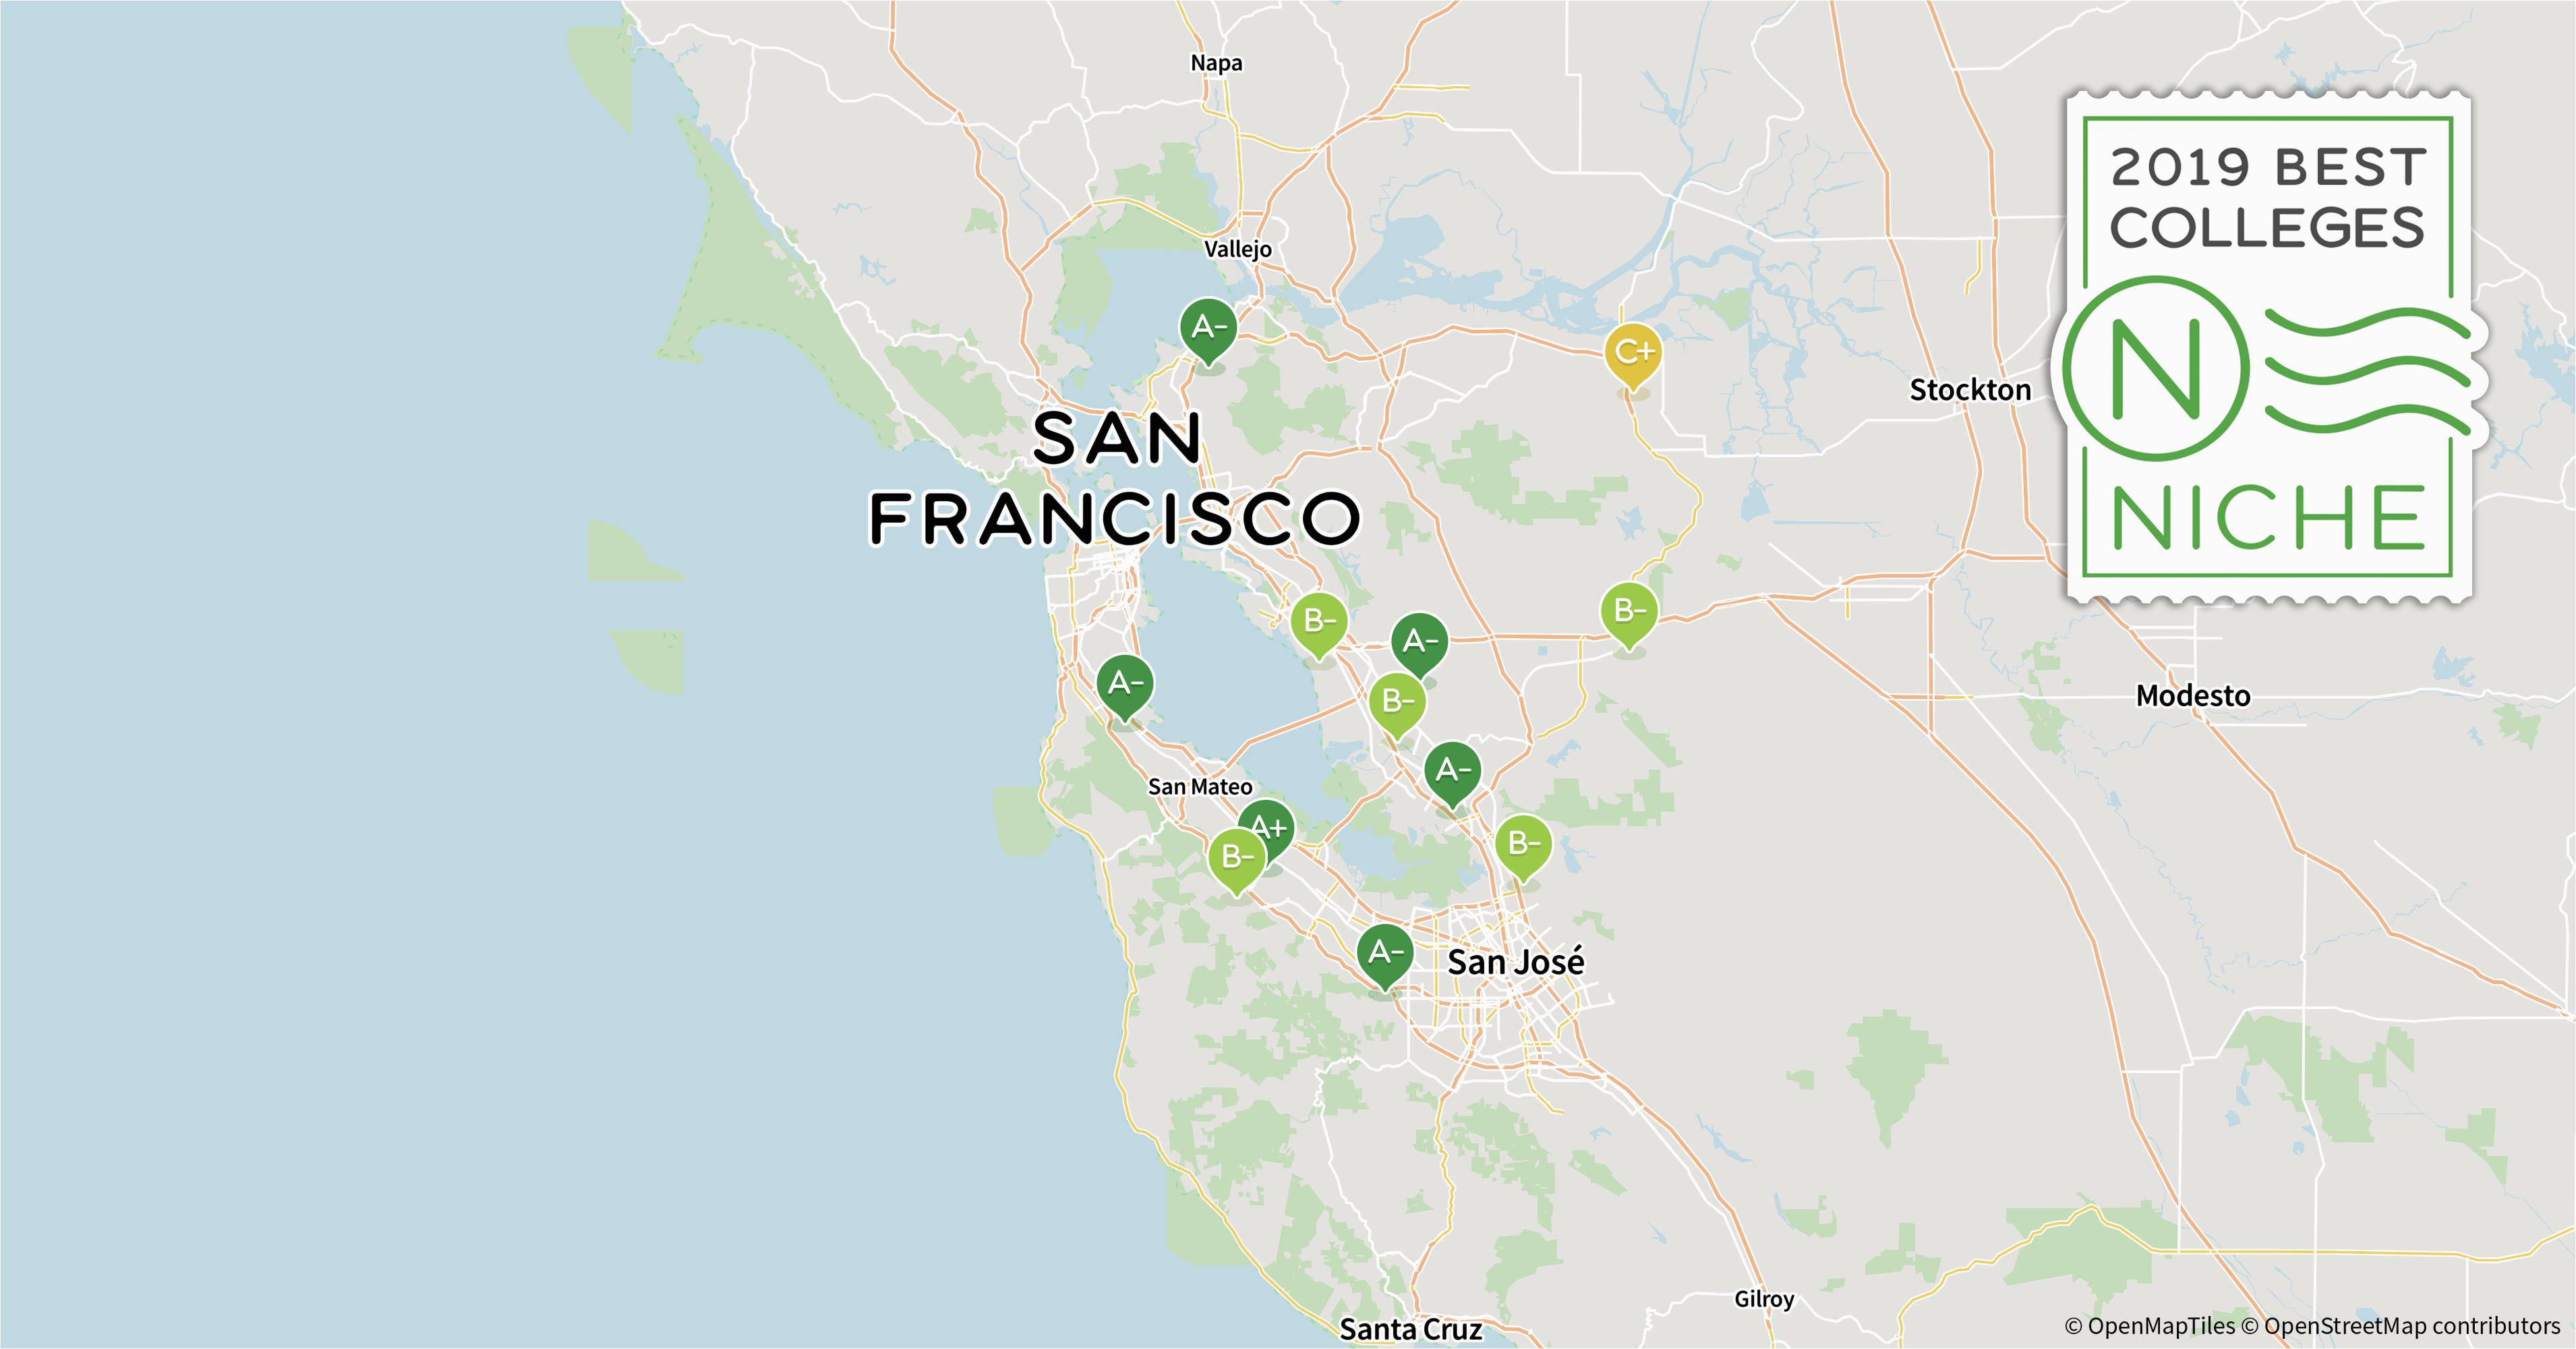 Map Of Georgia Universities.Georgia Colleges And Universities Map 2019 Best Colleges In San